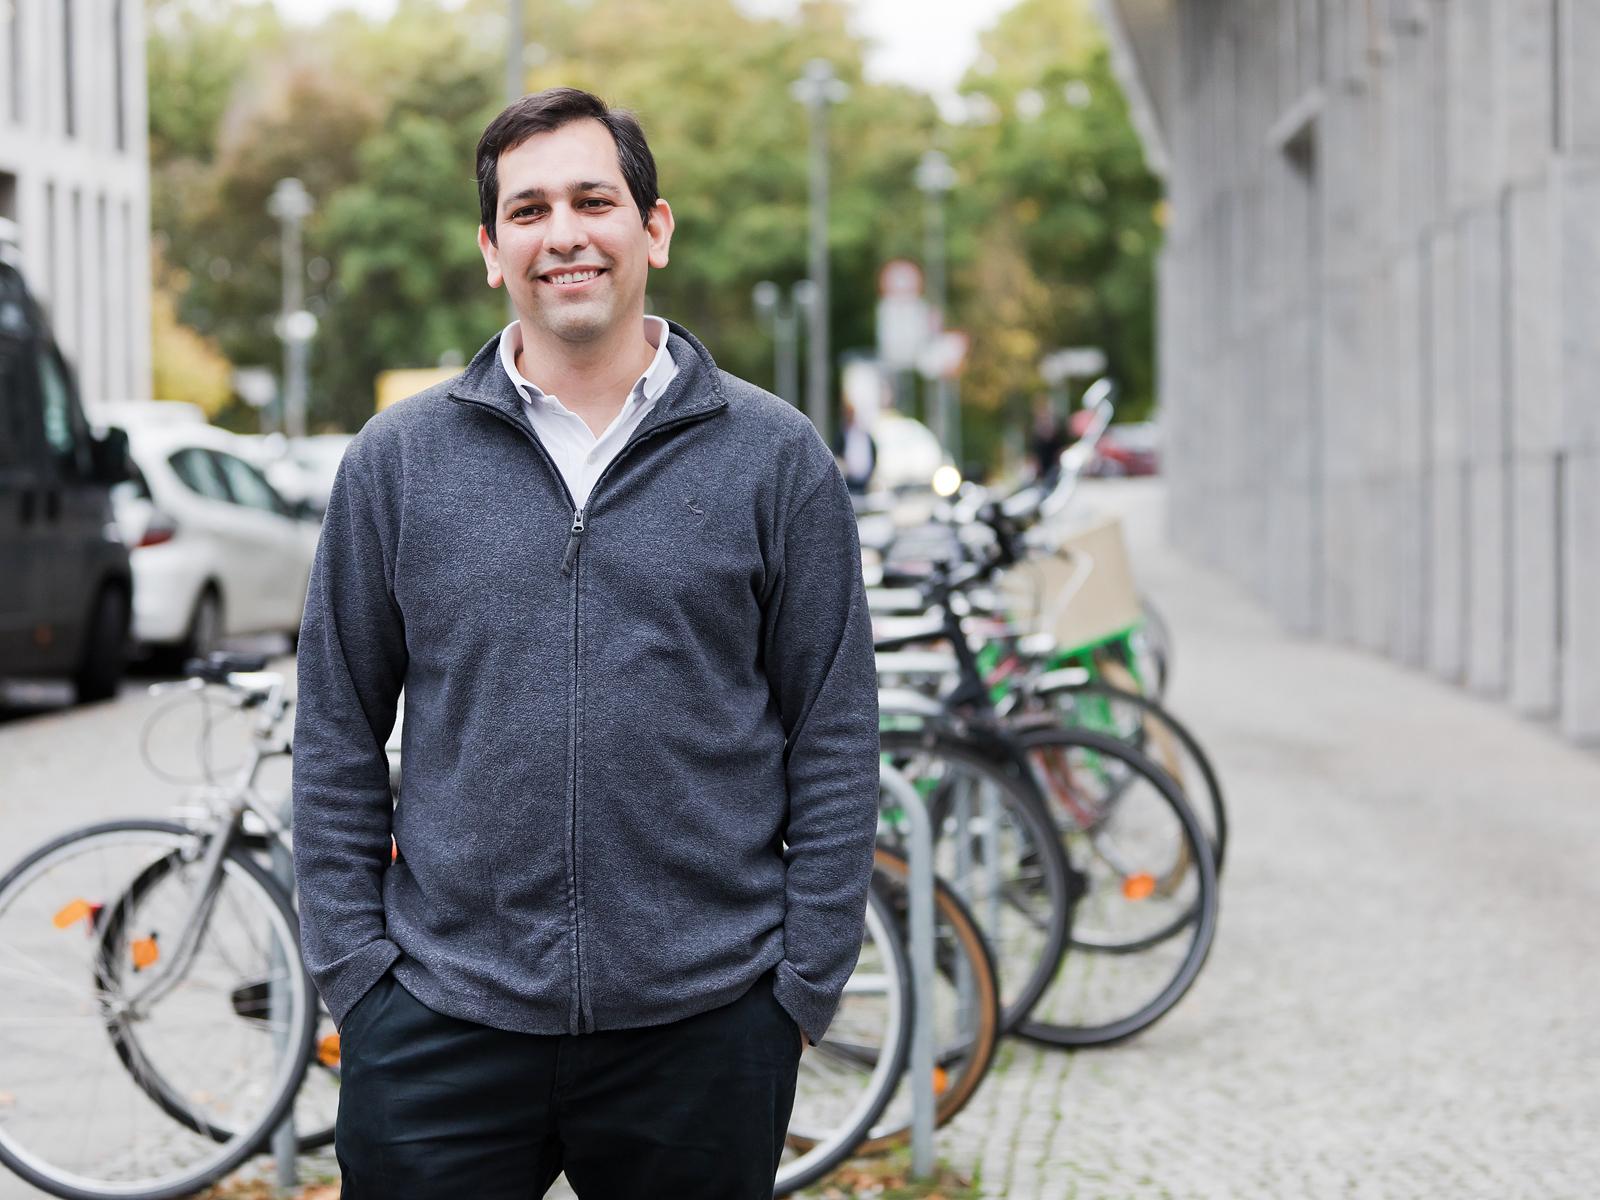 ¿Qué oportunidades laborales encontramos en Alemania?